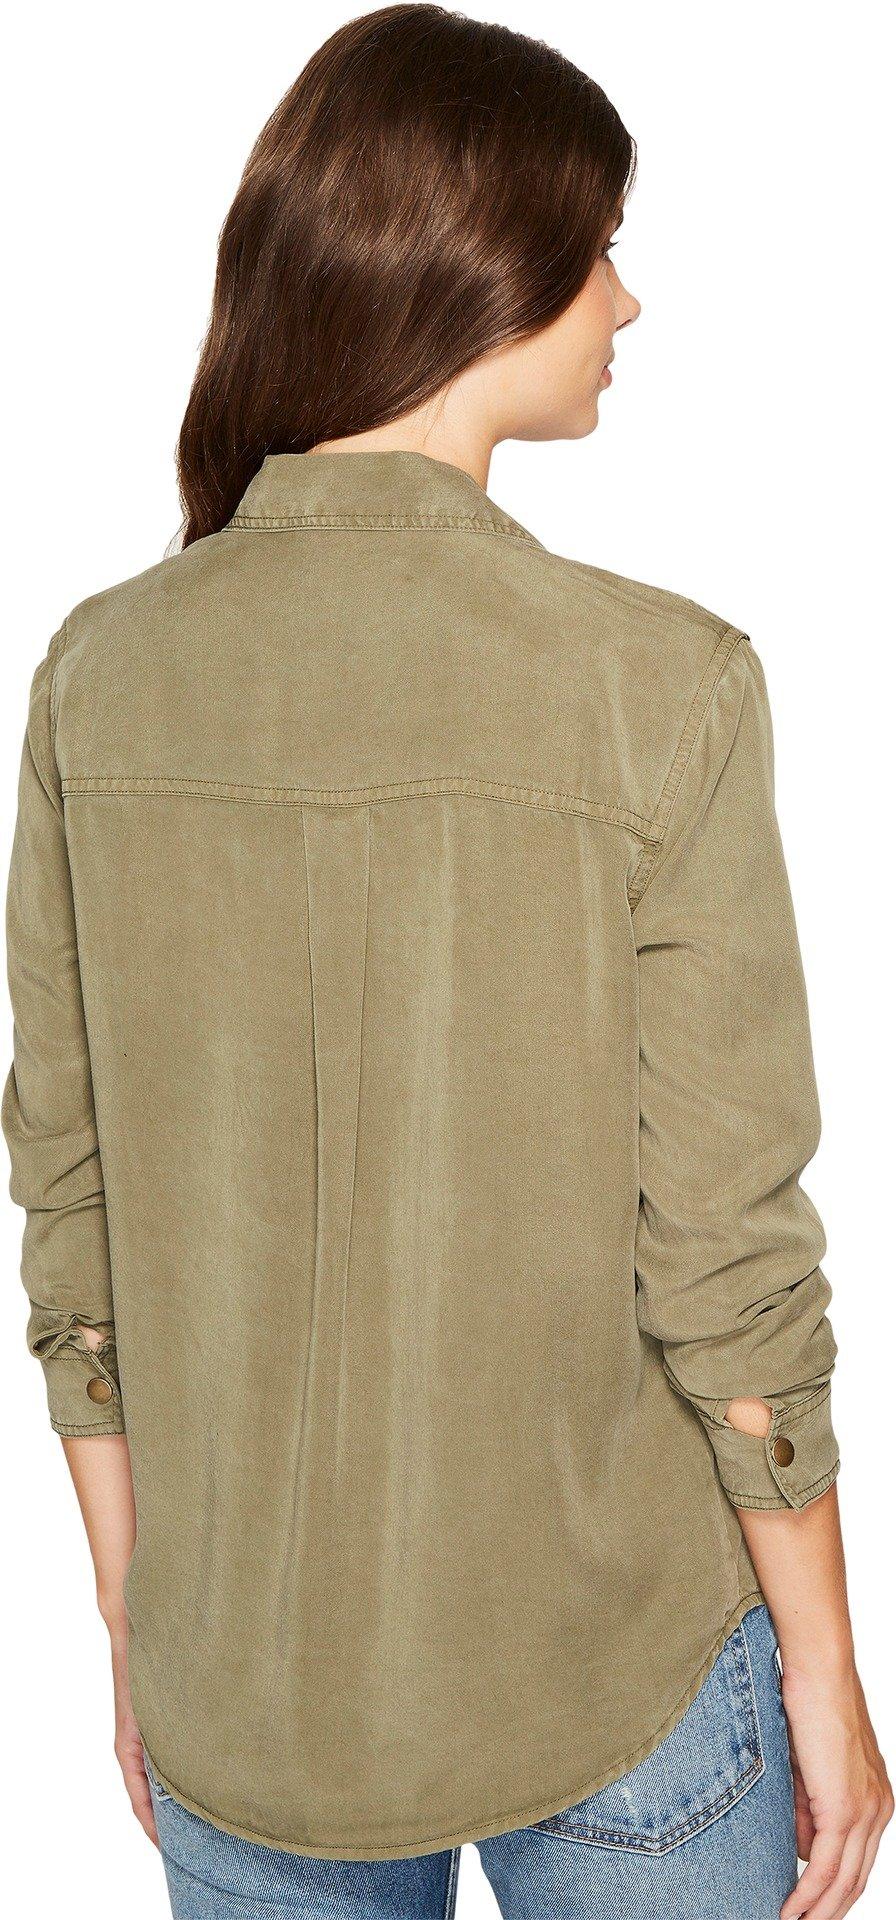 Splendid Women's Military Shirt, Vintage Olivine, S